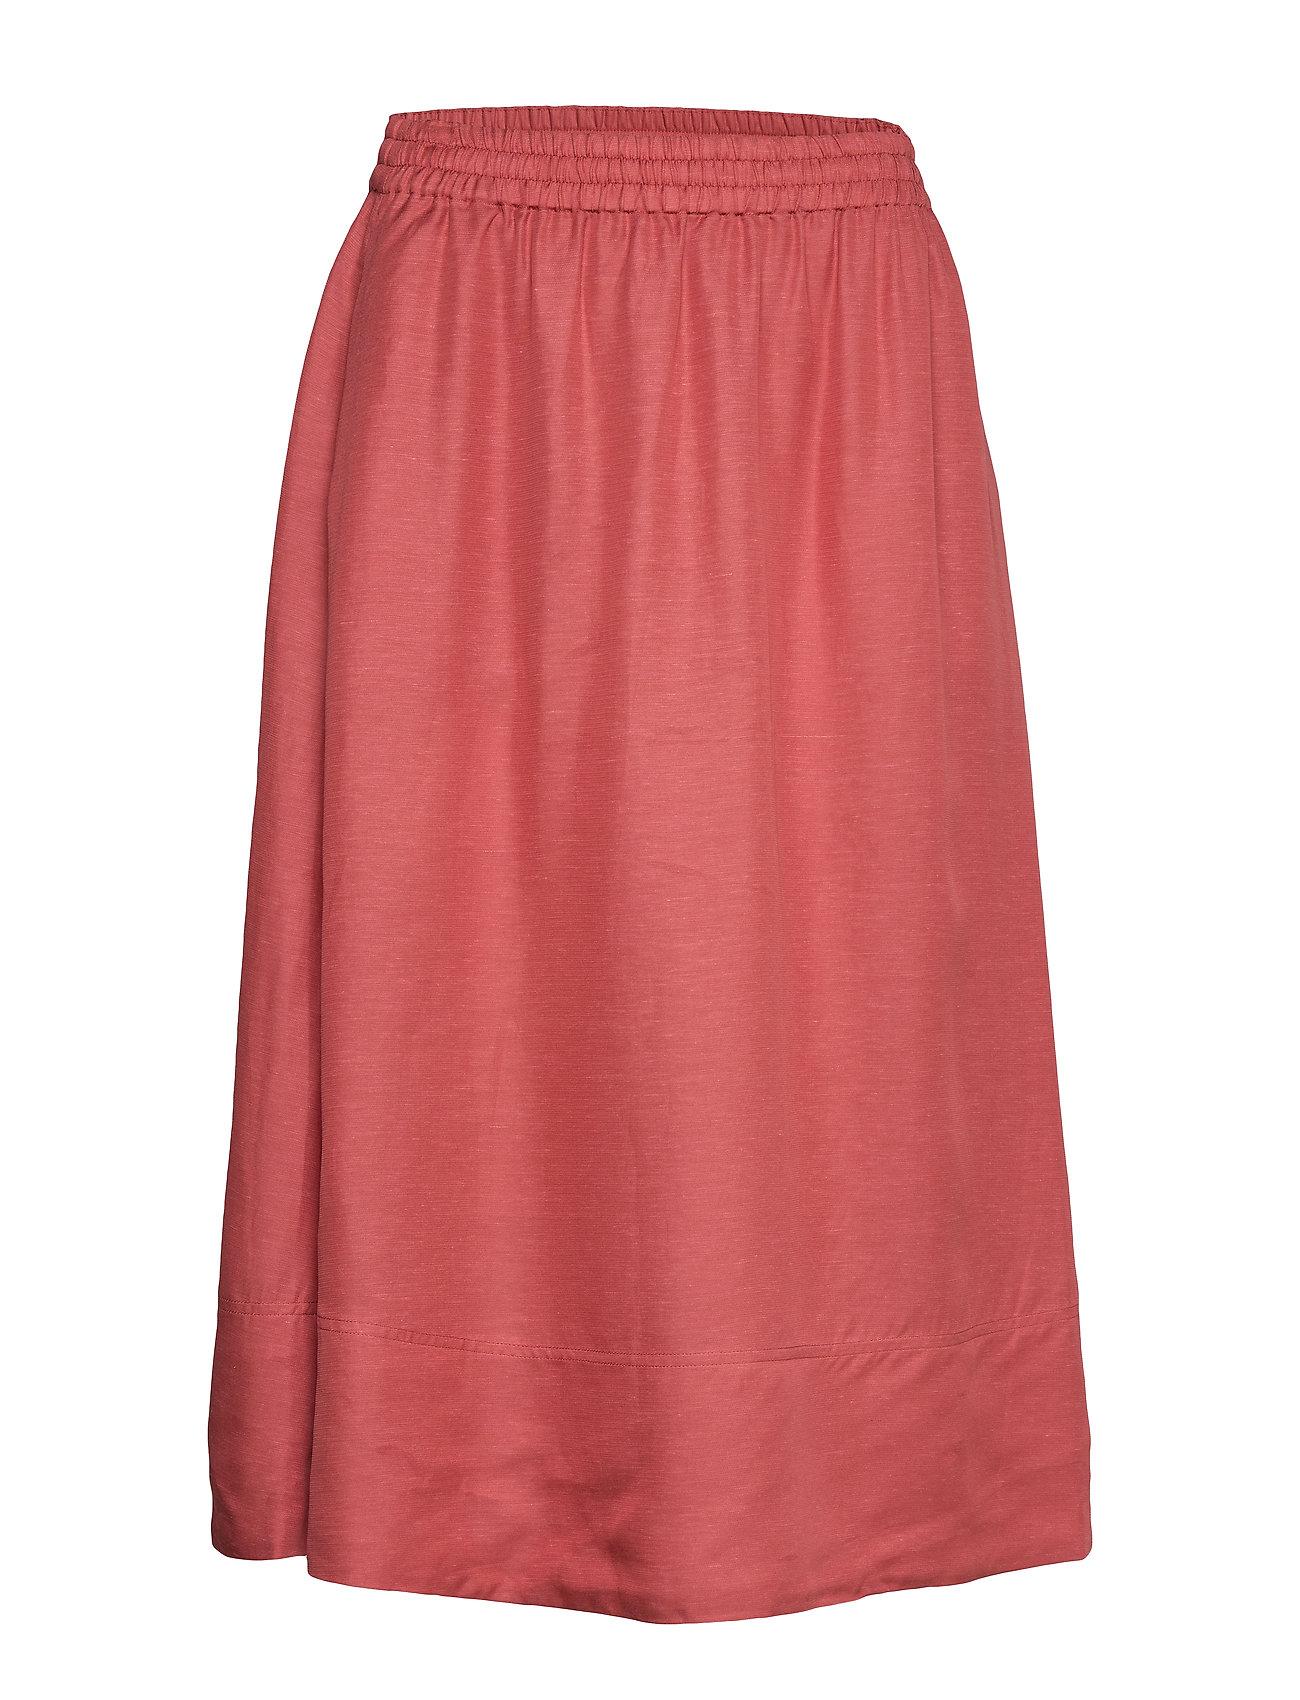 Filippa K Juliet Skirt - PINK CEDAR